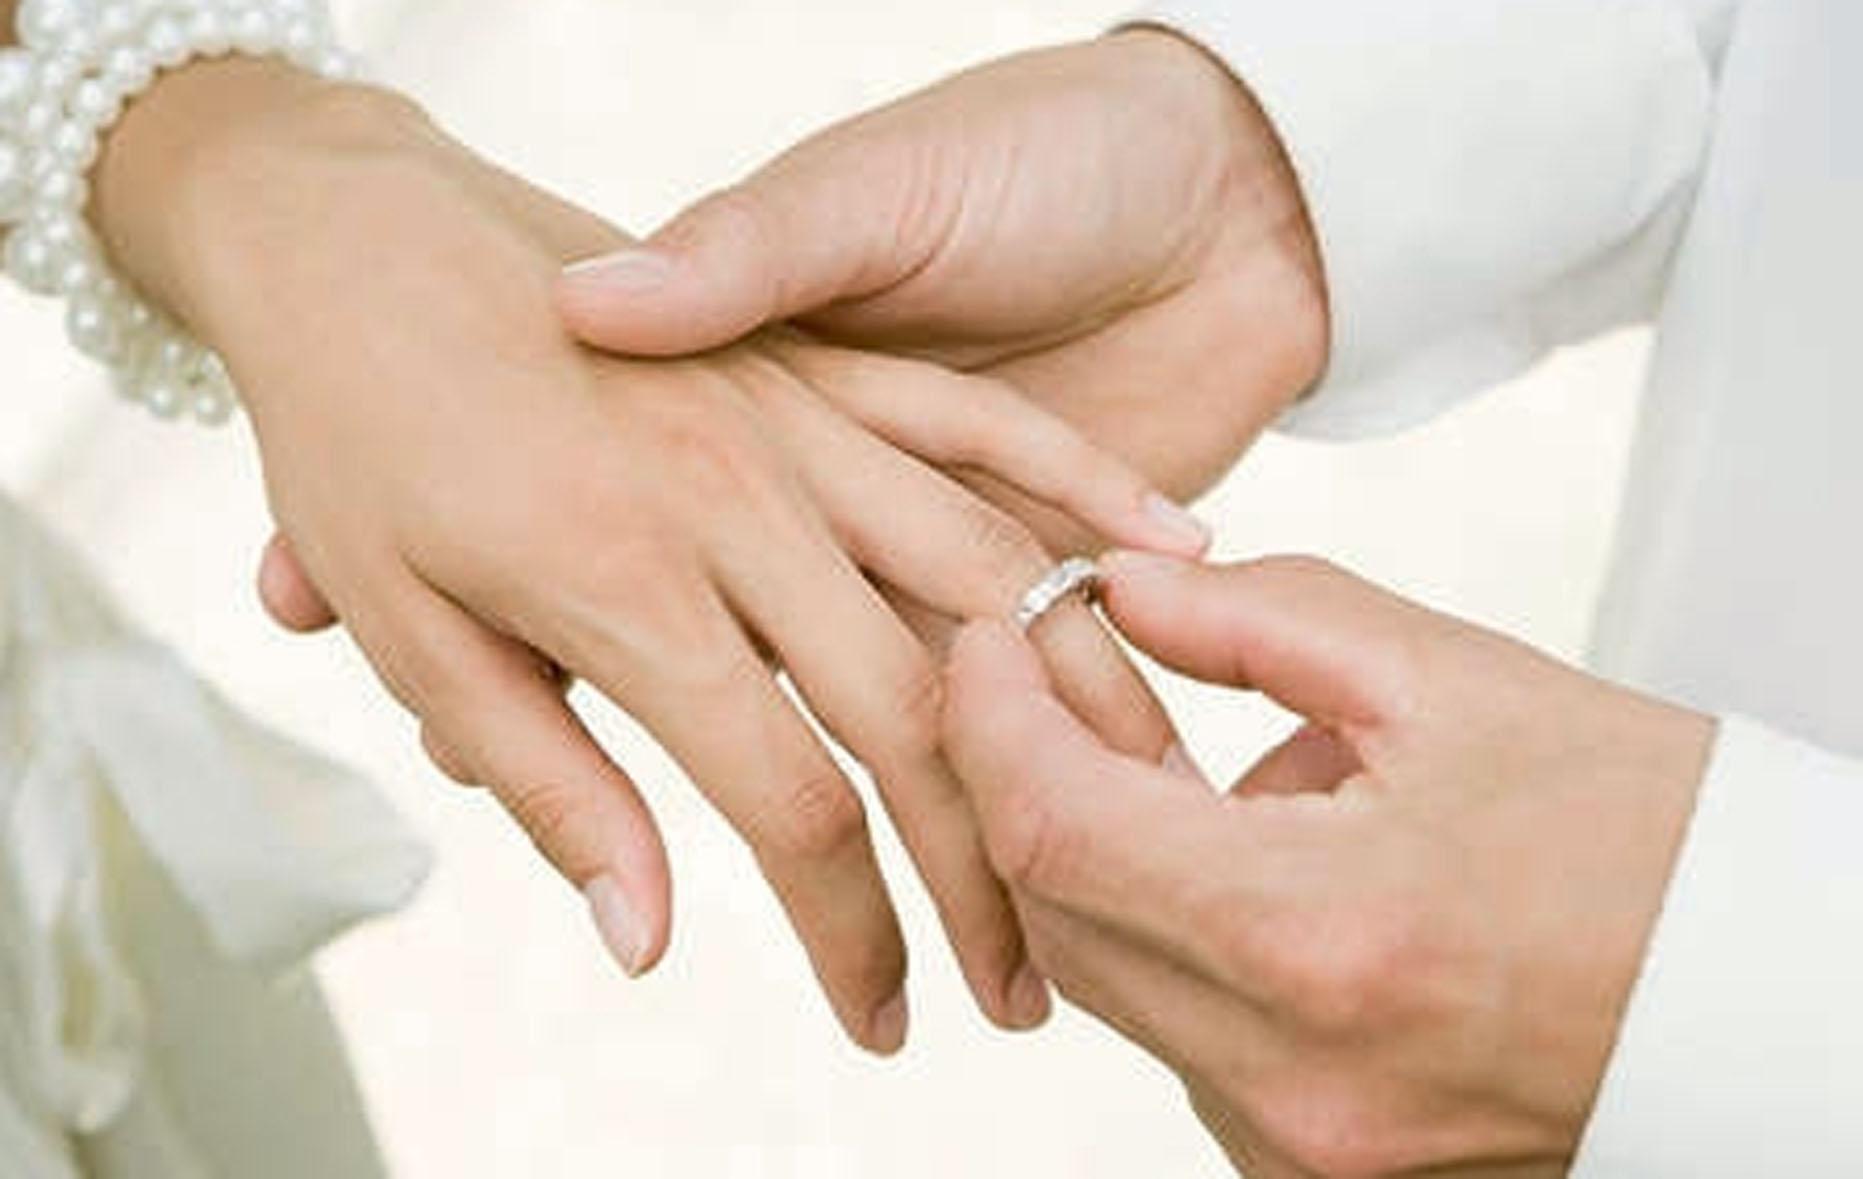 палец для кольца определить размер - кольцо невесте на палец